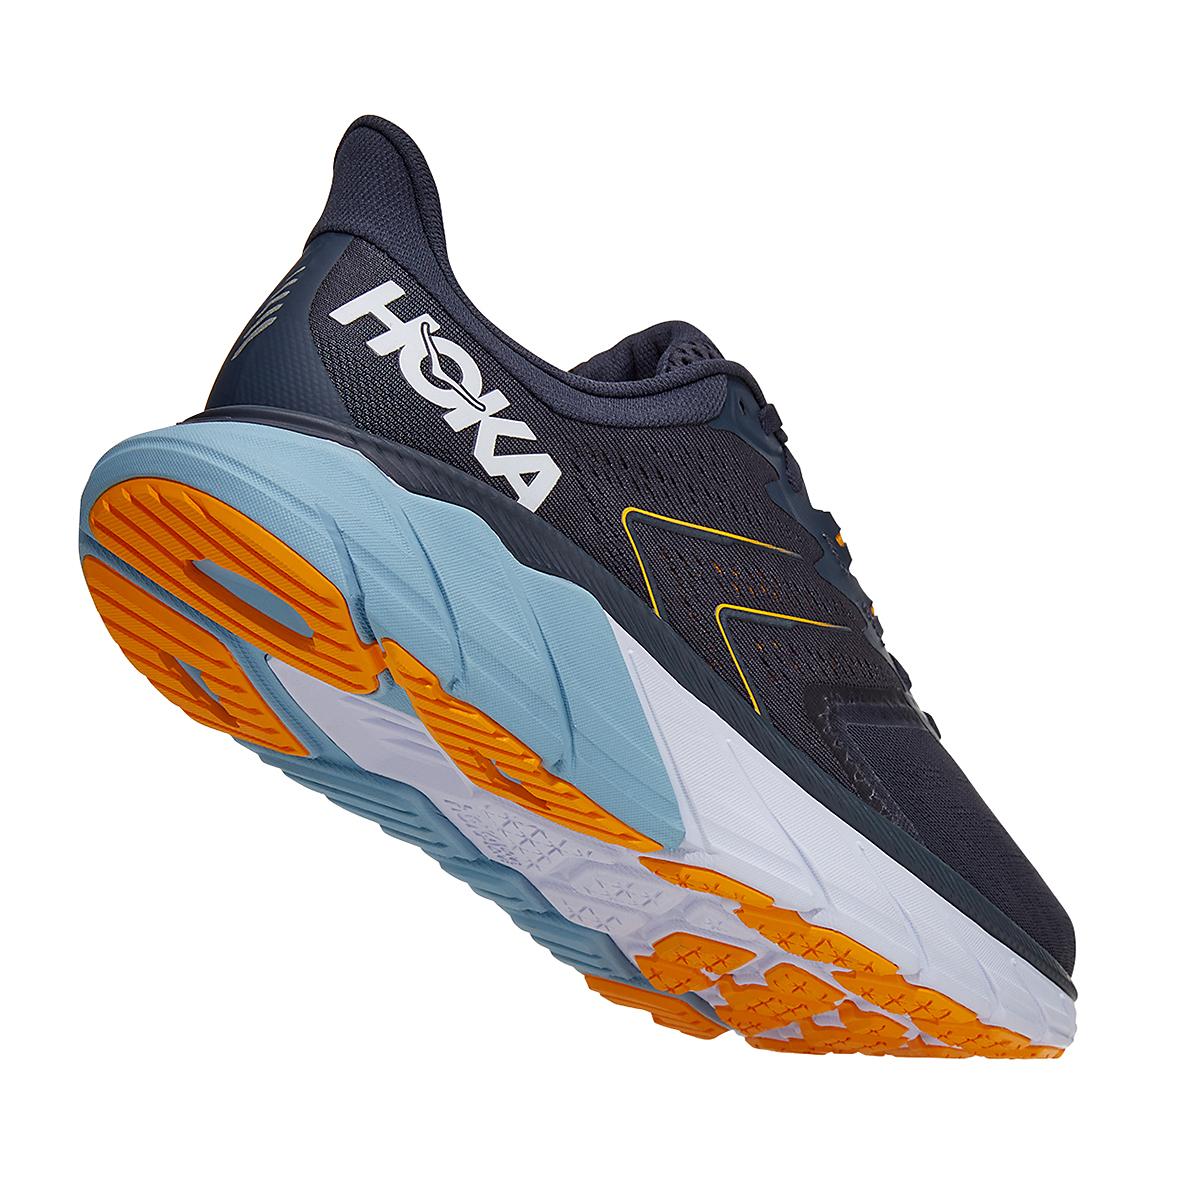 Men's Hoka One One Arahi 5 Running Shoe - Color: Ombre Blue/Blue Fog - Size: 8.5 - Width: Regular, Ombre Blue/Blue Fog, large, image 3